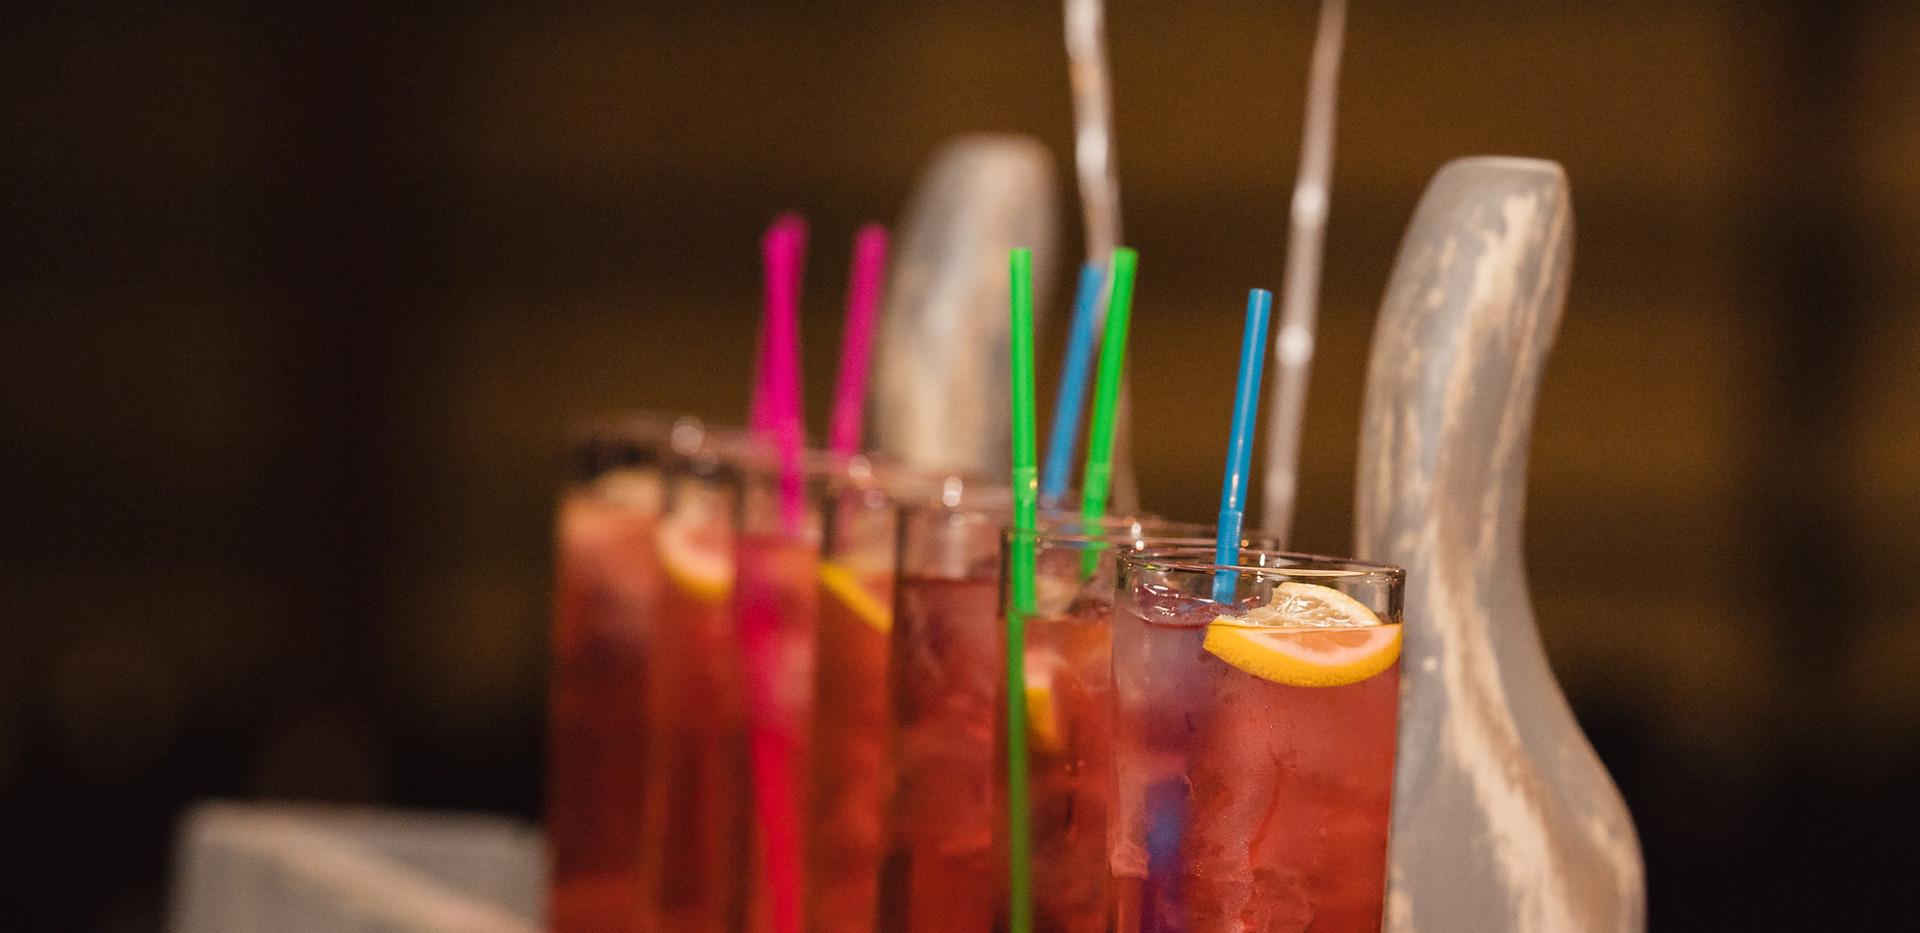 Gin Tasting at home